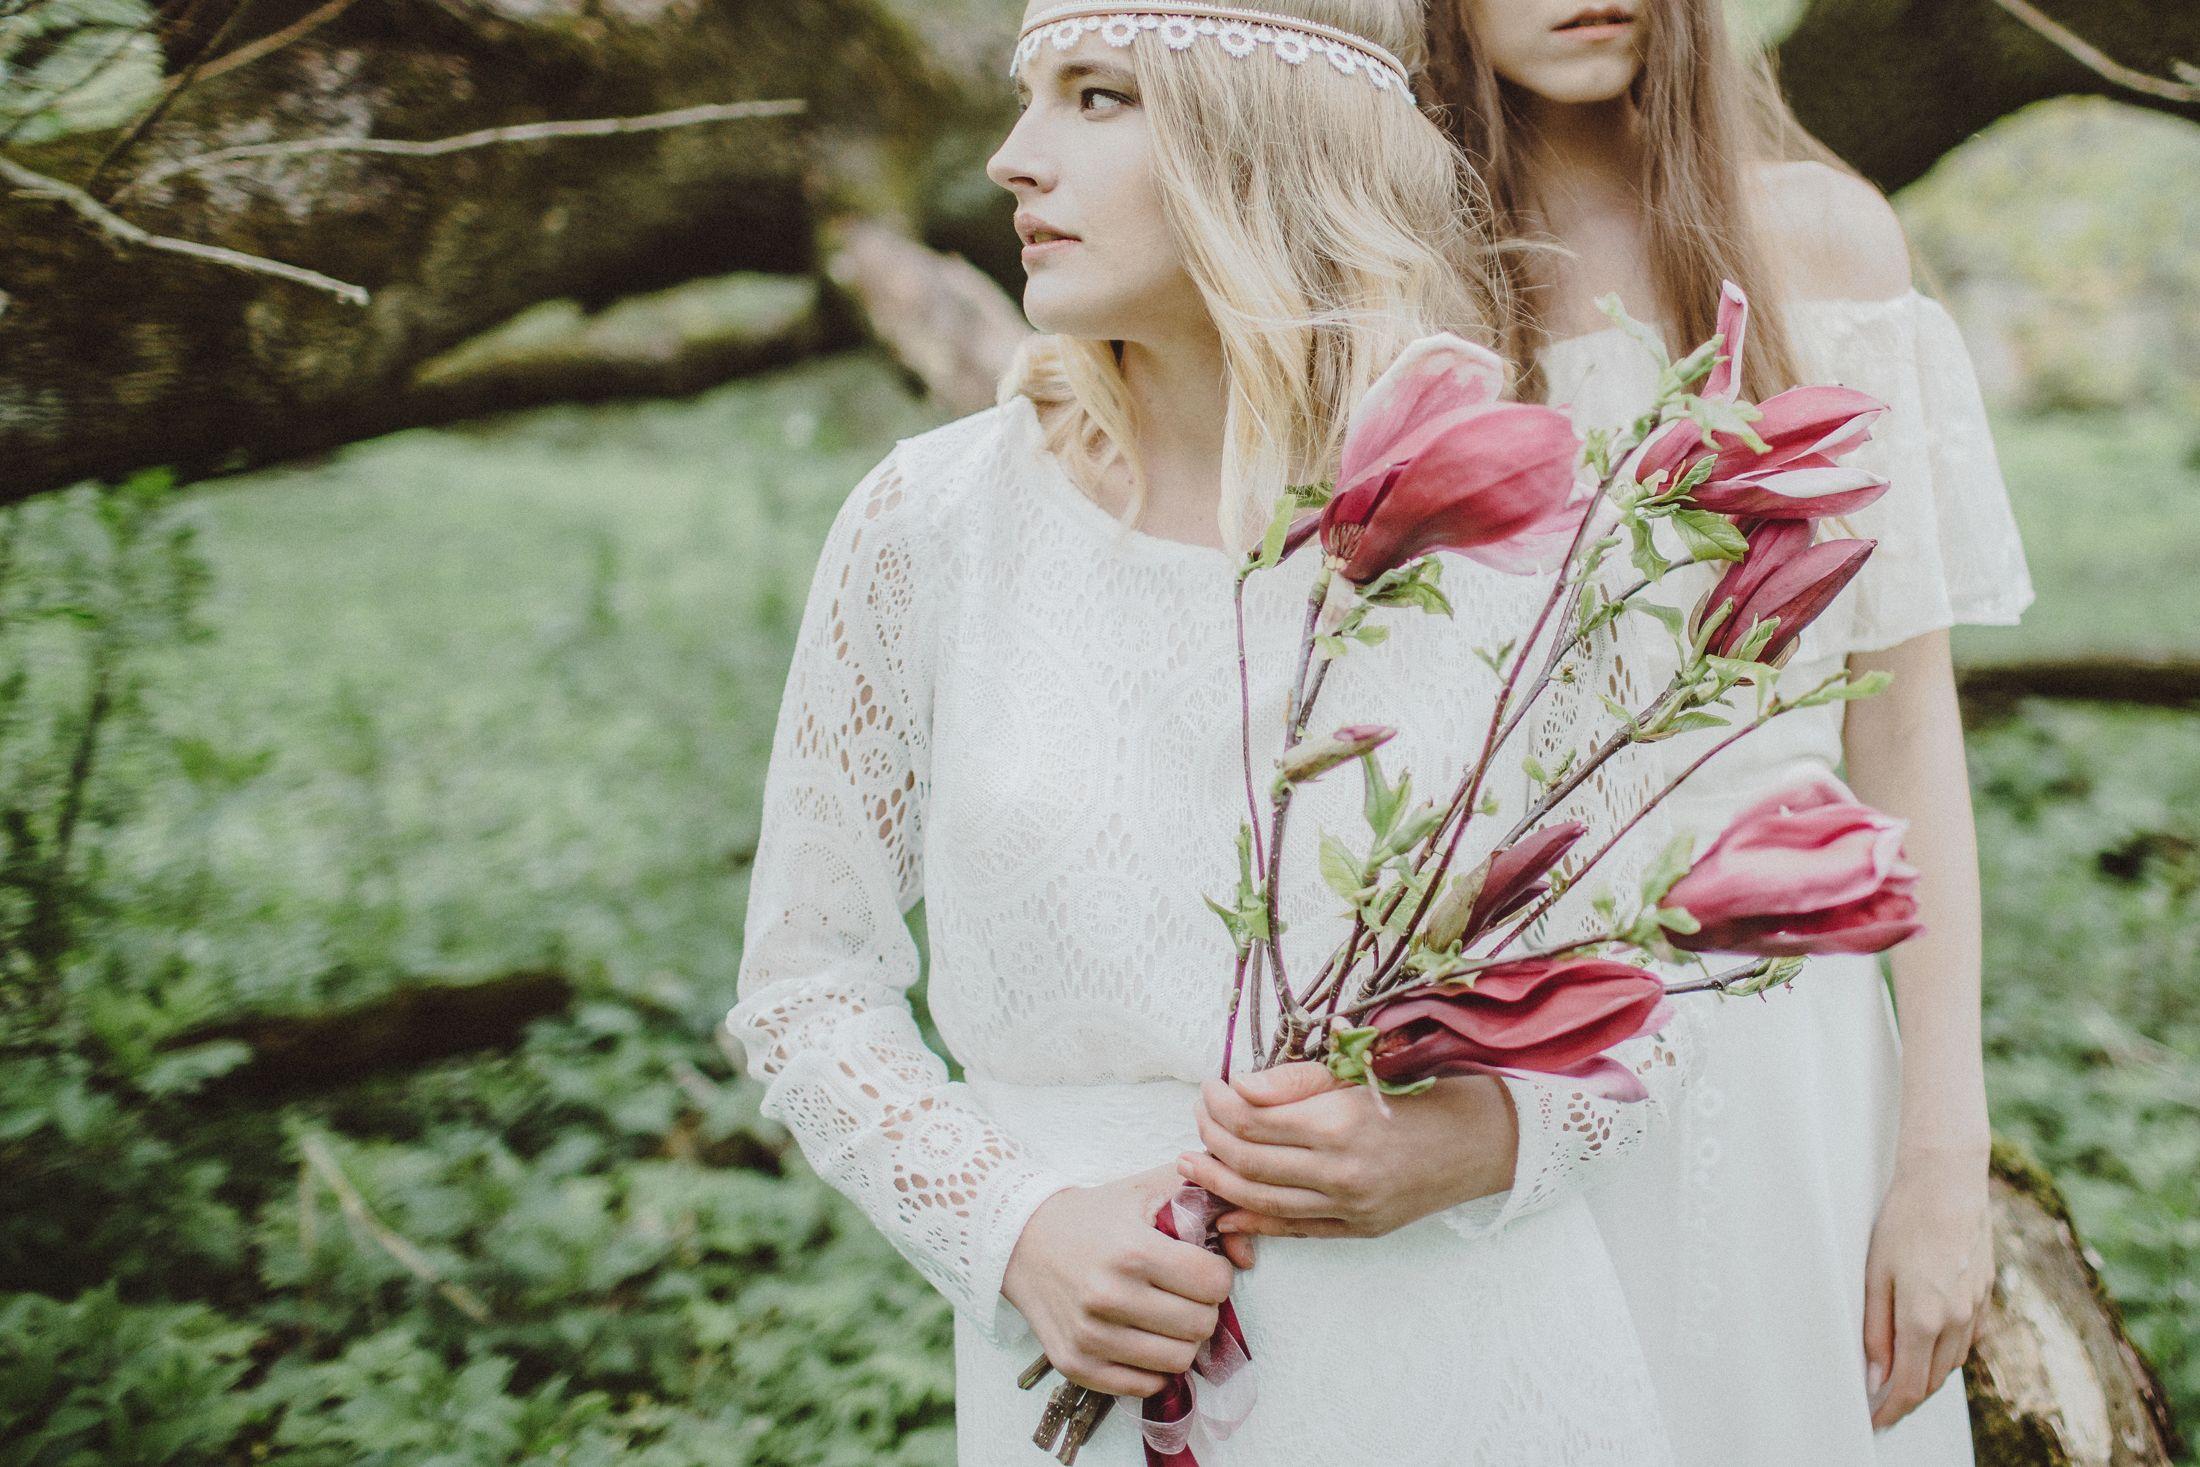 Galeria Katarzyna Michalska Krakow Wedding Dresses Strapless Wedding Dress White Dress